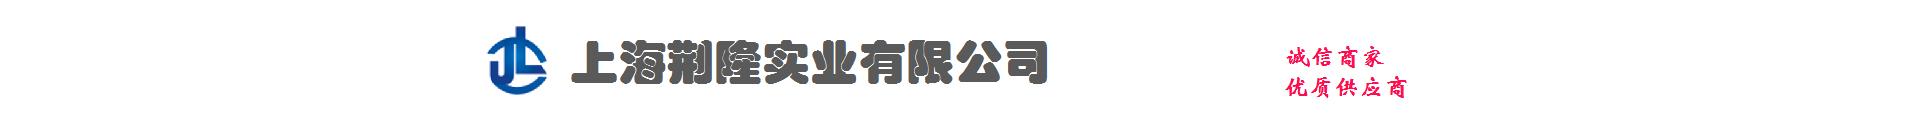 上海荆隆实业有限公司